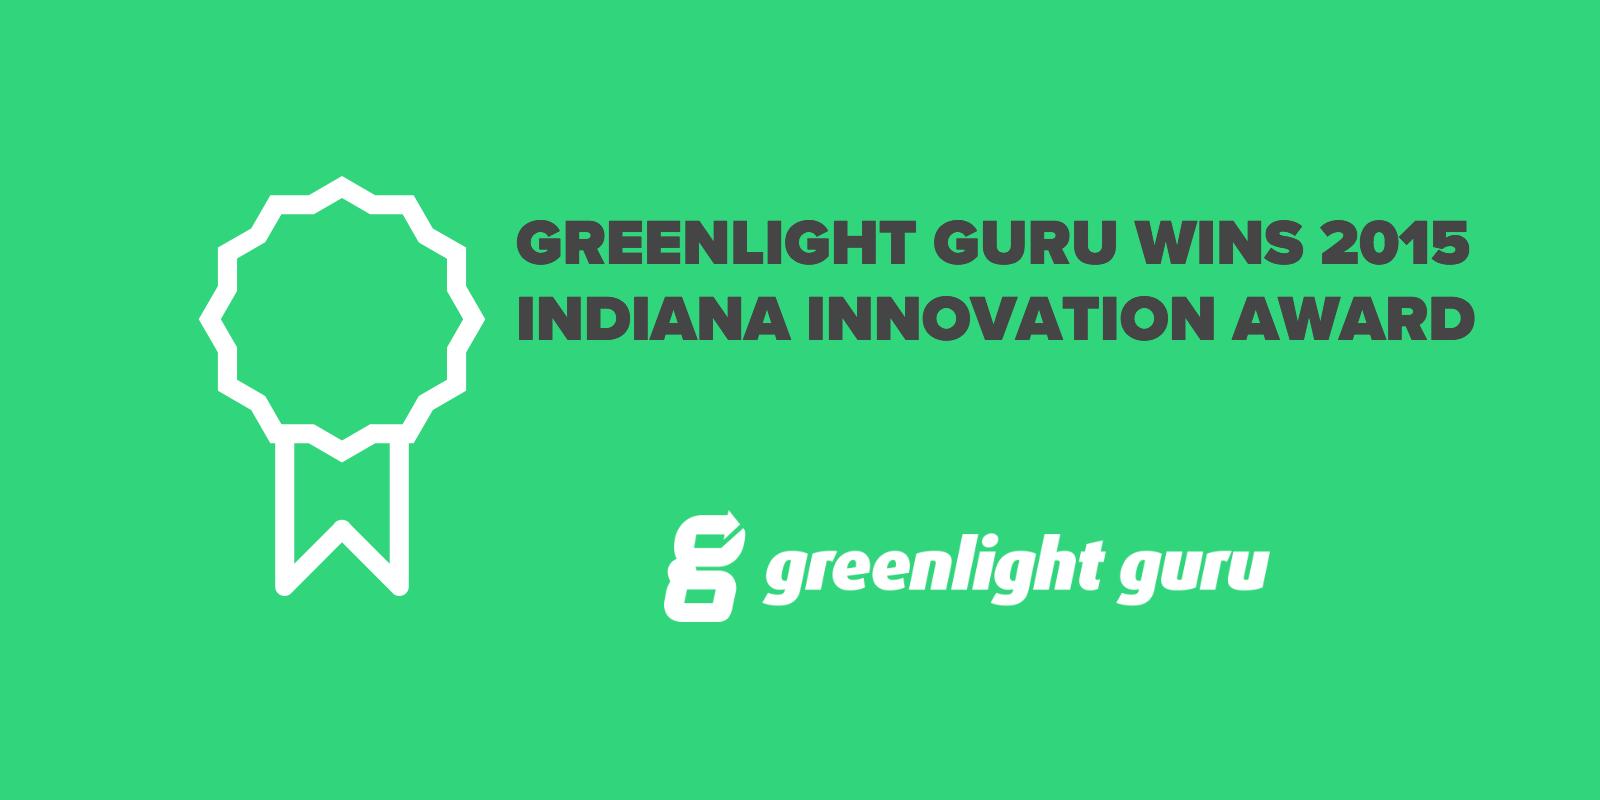 gg_wins_2015_innovation_award